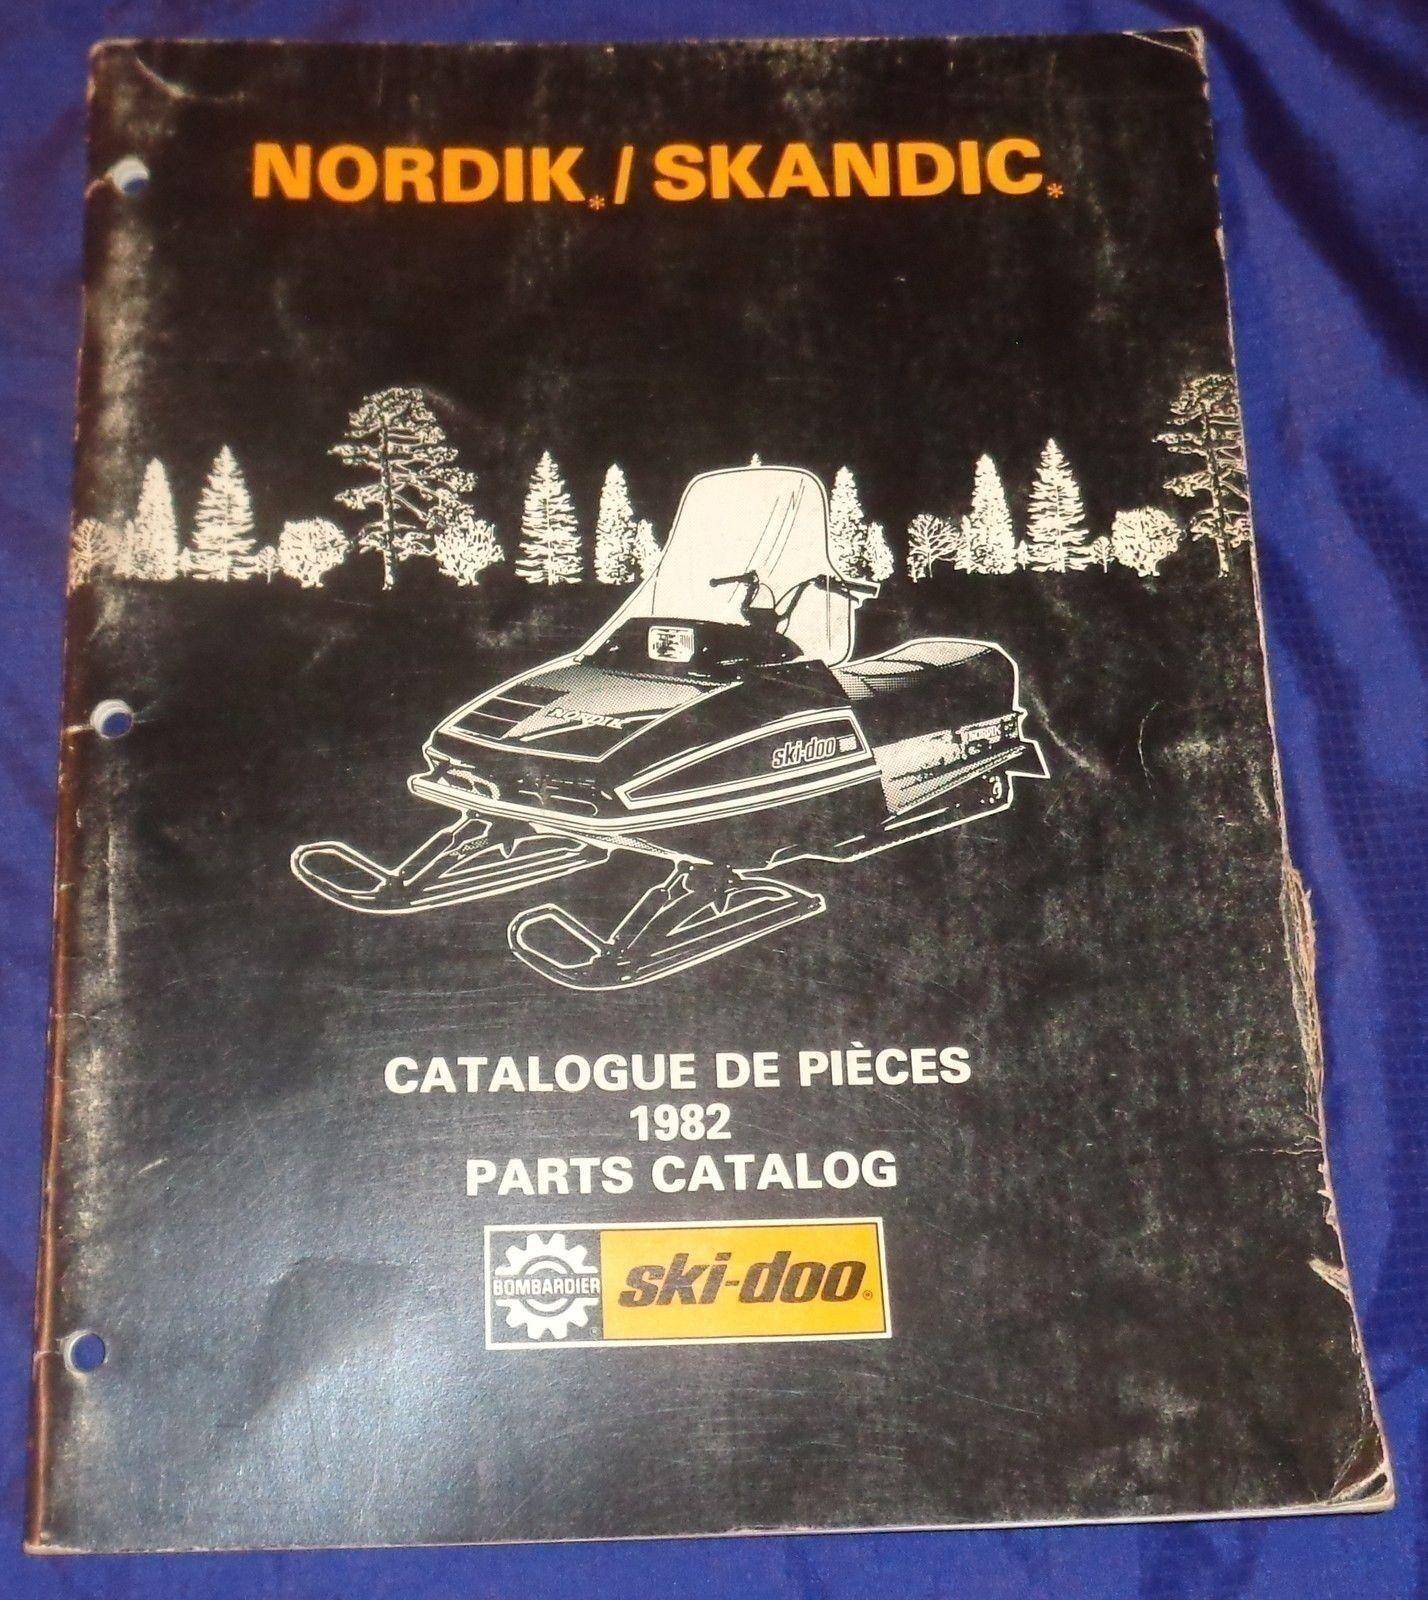 BS684 1982 Ski-Doo Nordik Skandic Parts Catalog 480 1156 00 Manual